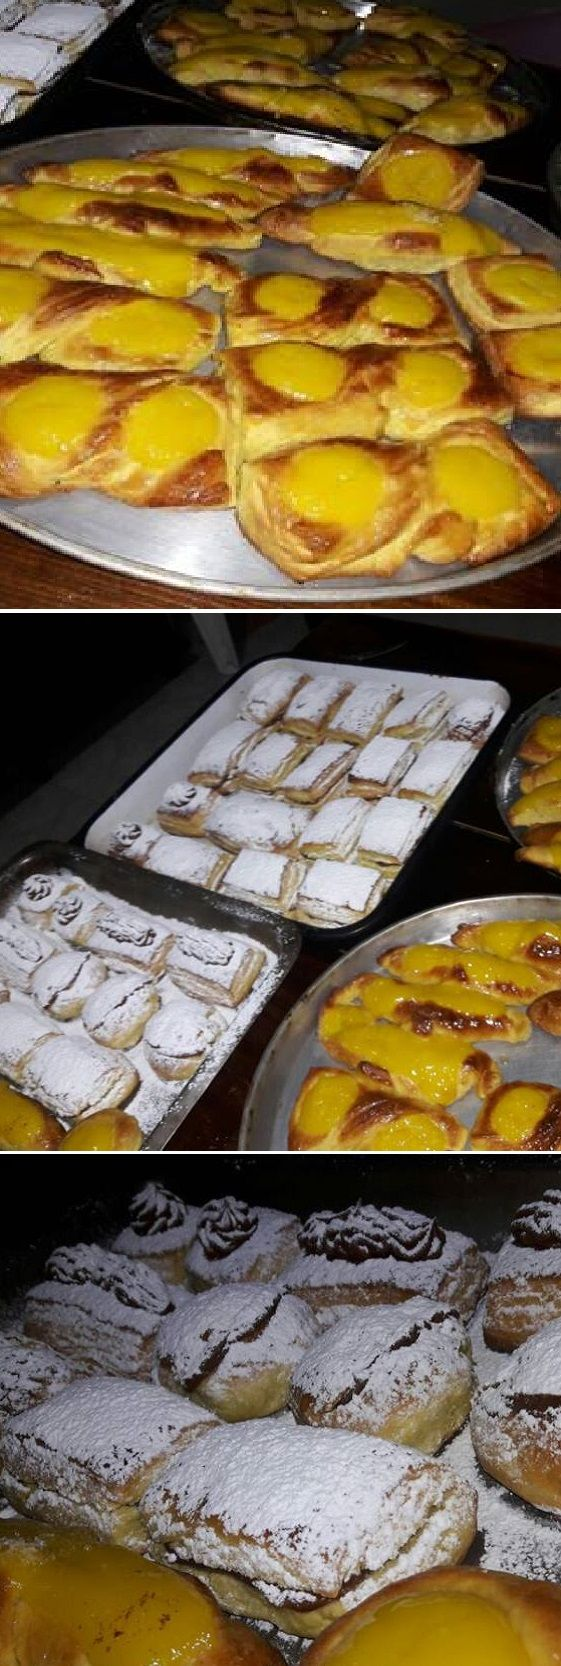 Hoy facturitasss… Riquísimas chicasssss FACTURAS TIPO ALEMANAS. #facturas #alemanas #receta #recipe #casero #torta #tartas #pastel #nestlecocina #bizcocho #bizcochuelo #tasty #cocina #chocolate #queso Si te gusta dinos HOLA y dale a Me Gusta MIREN …